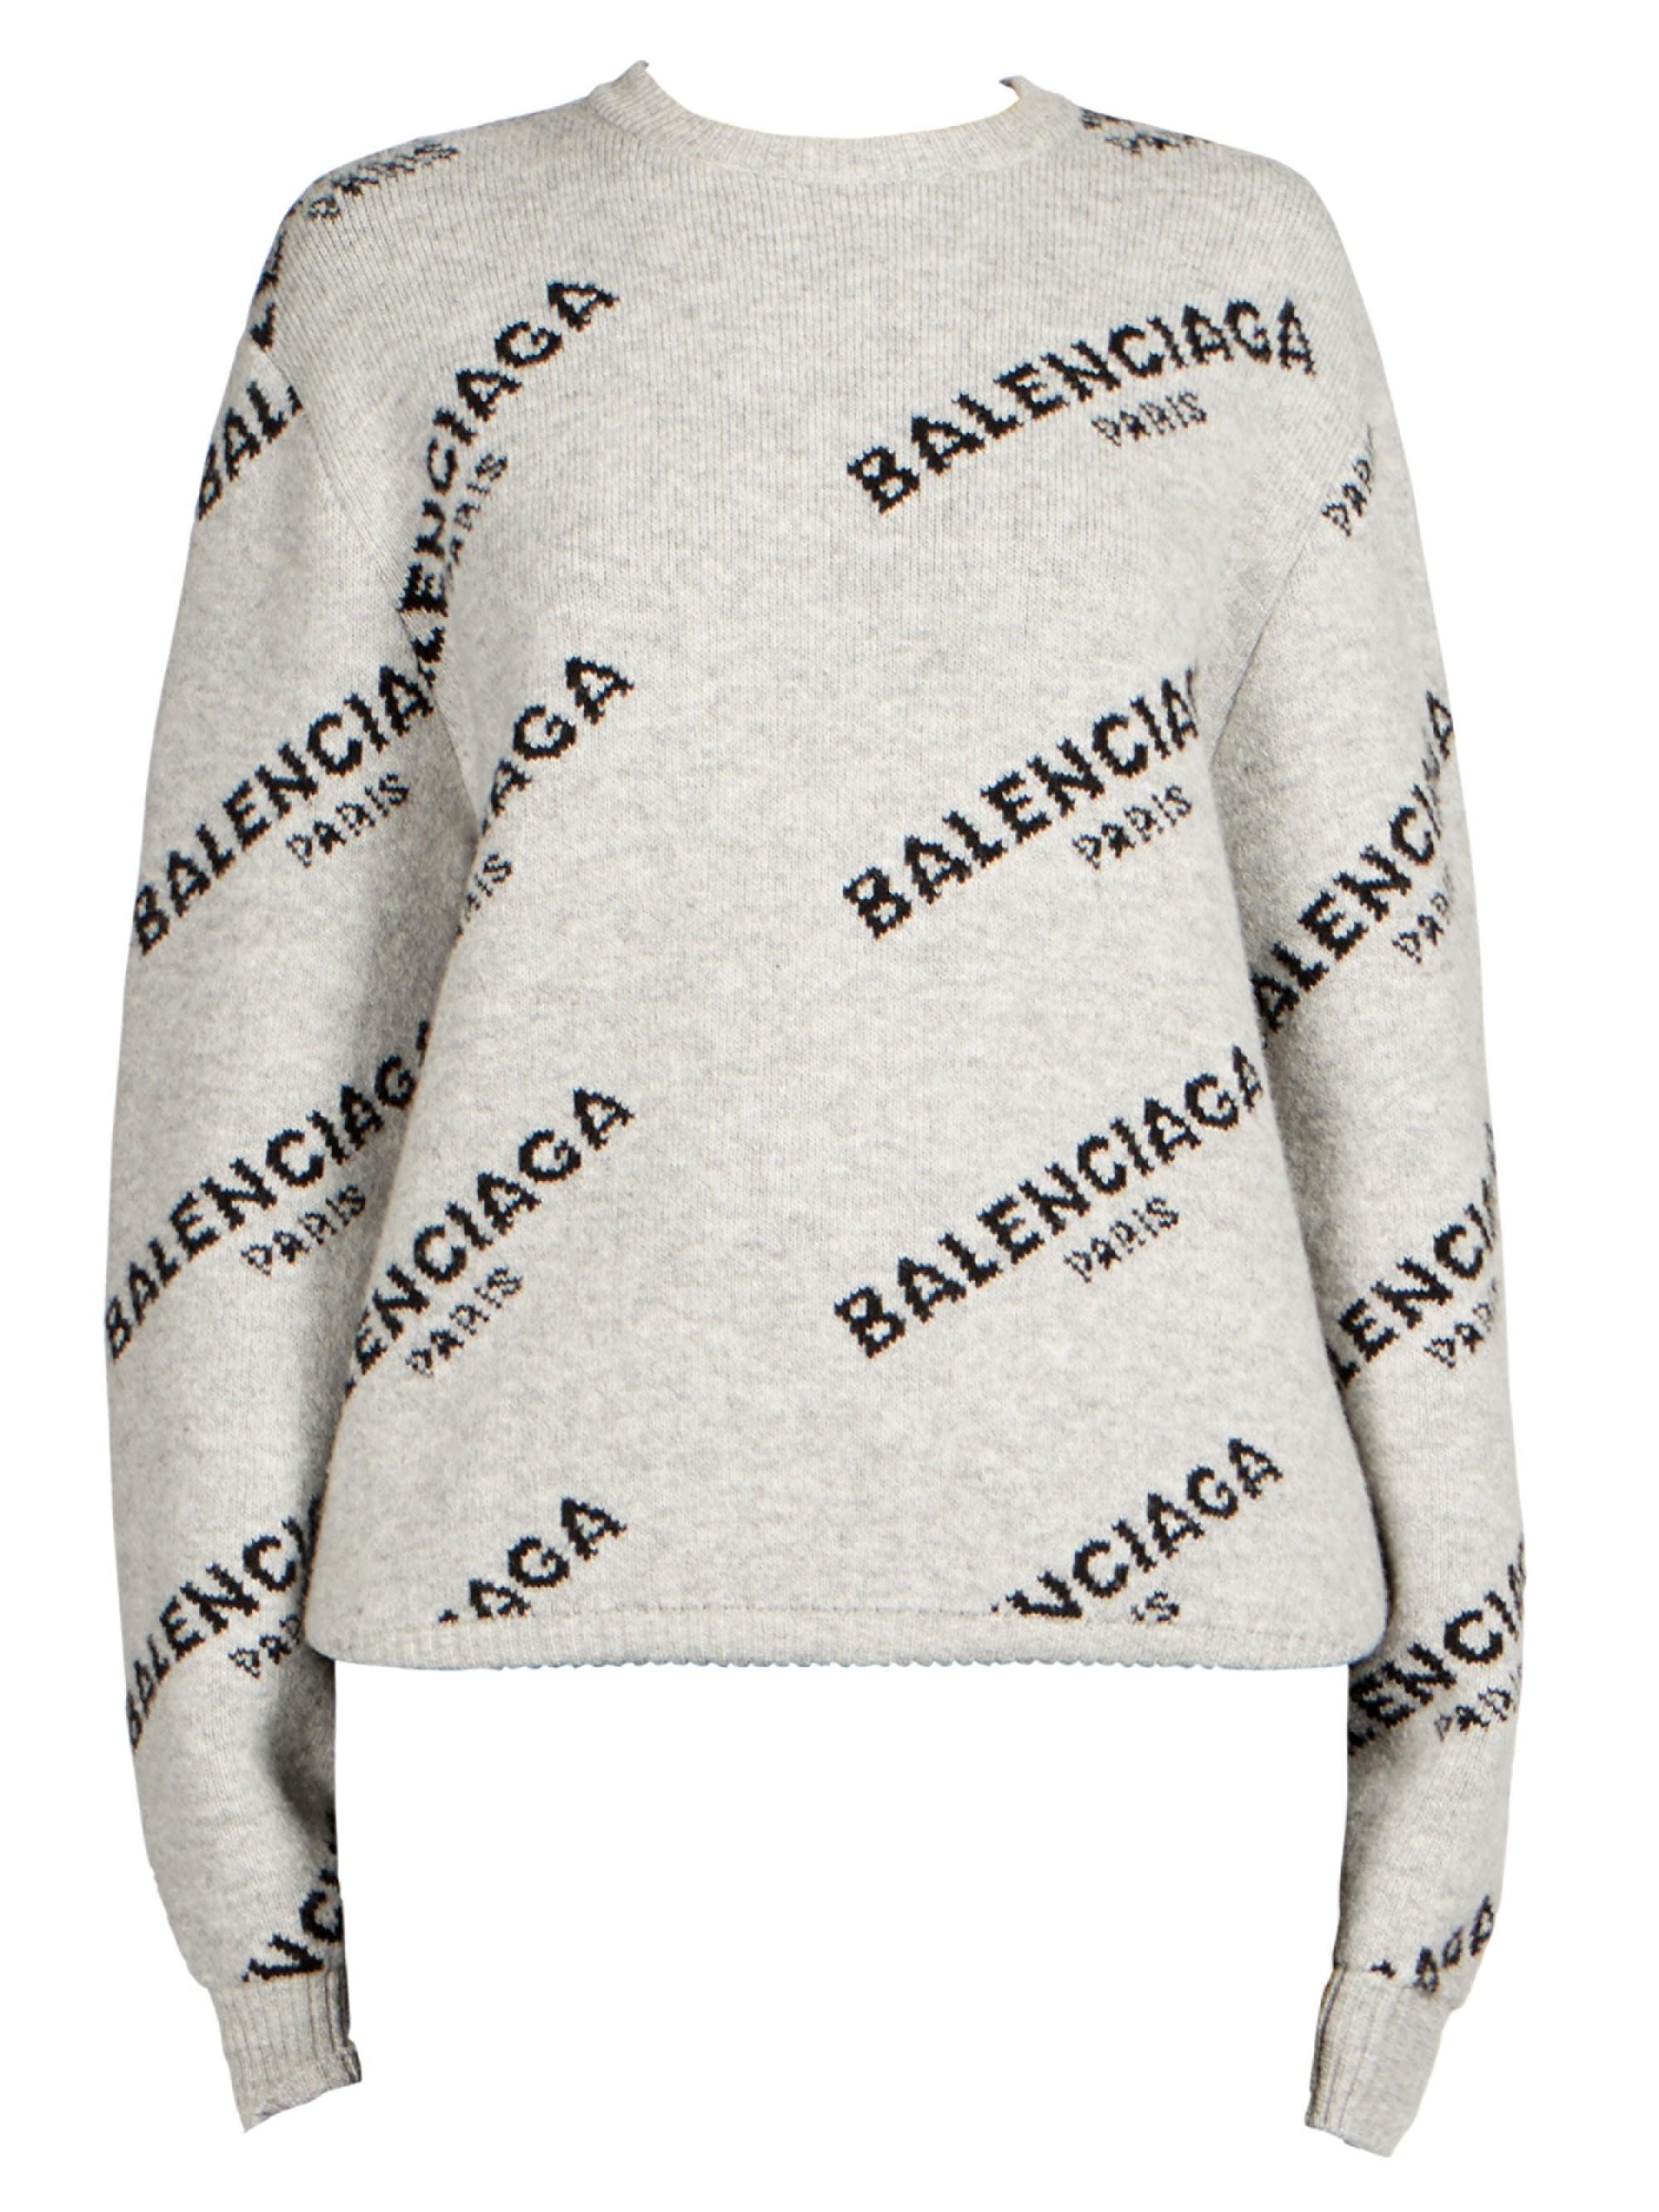 Lyst - Balenciaga Jacquard Logo Crewneck in Gray - Save 18% 950ee77cf